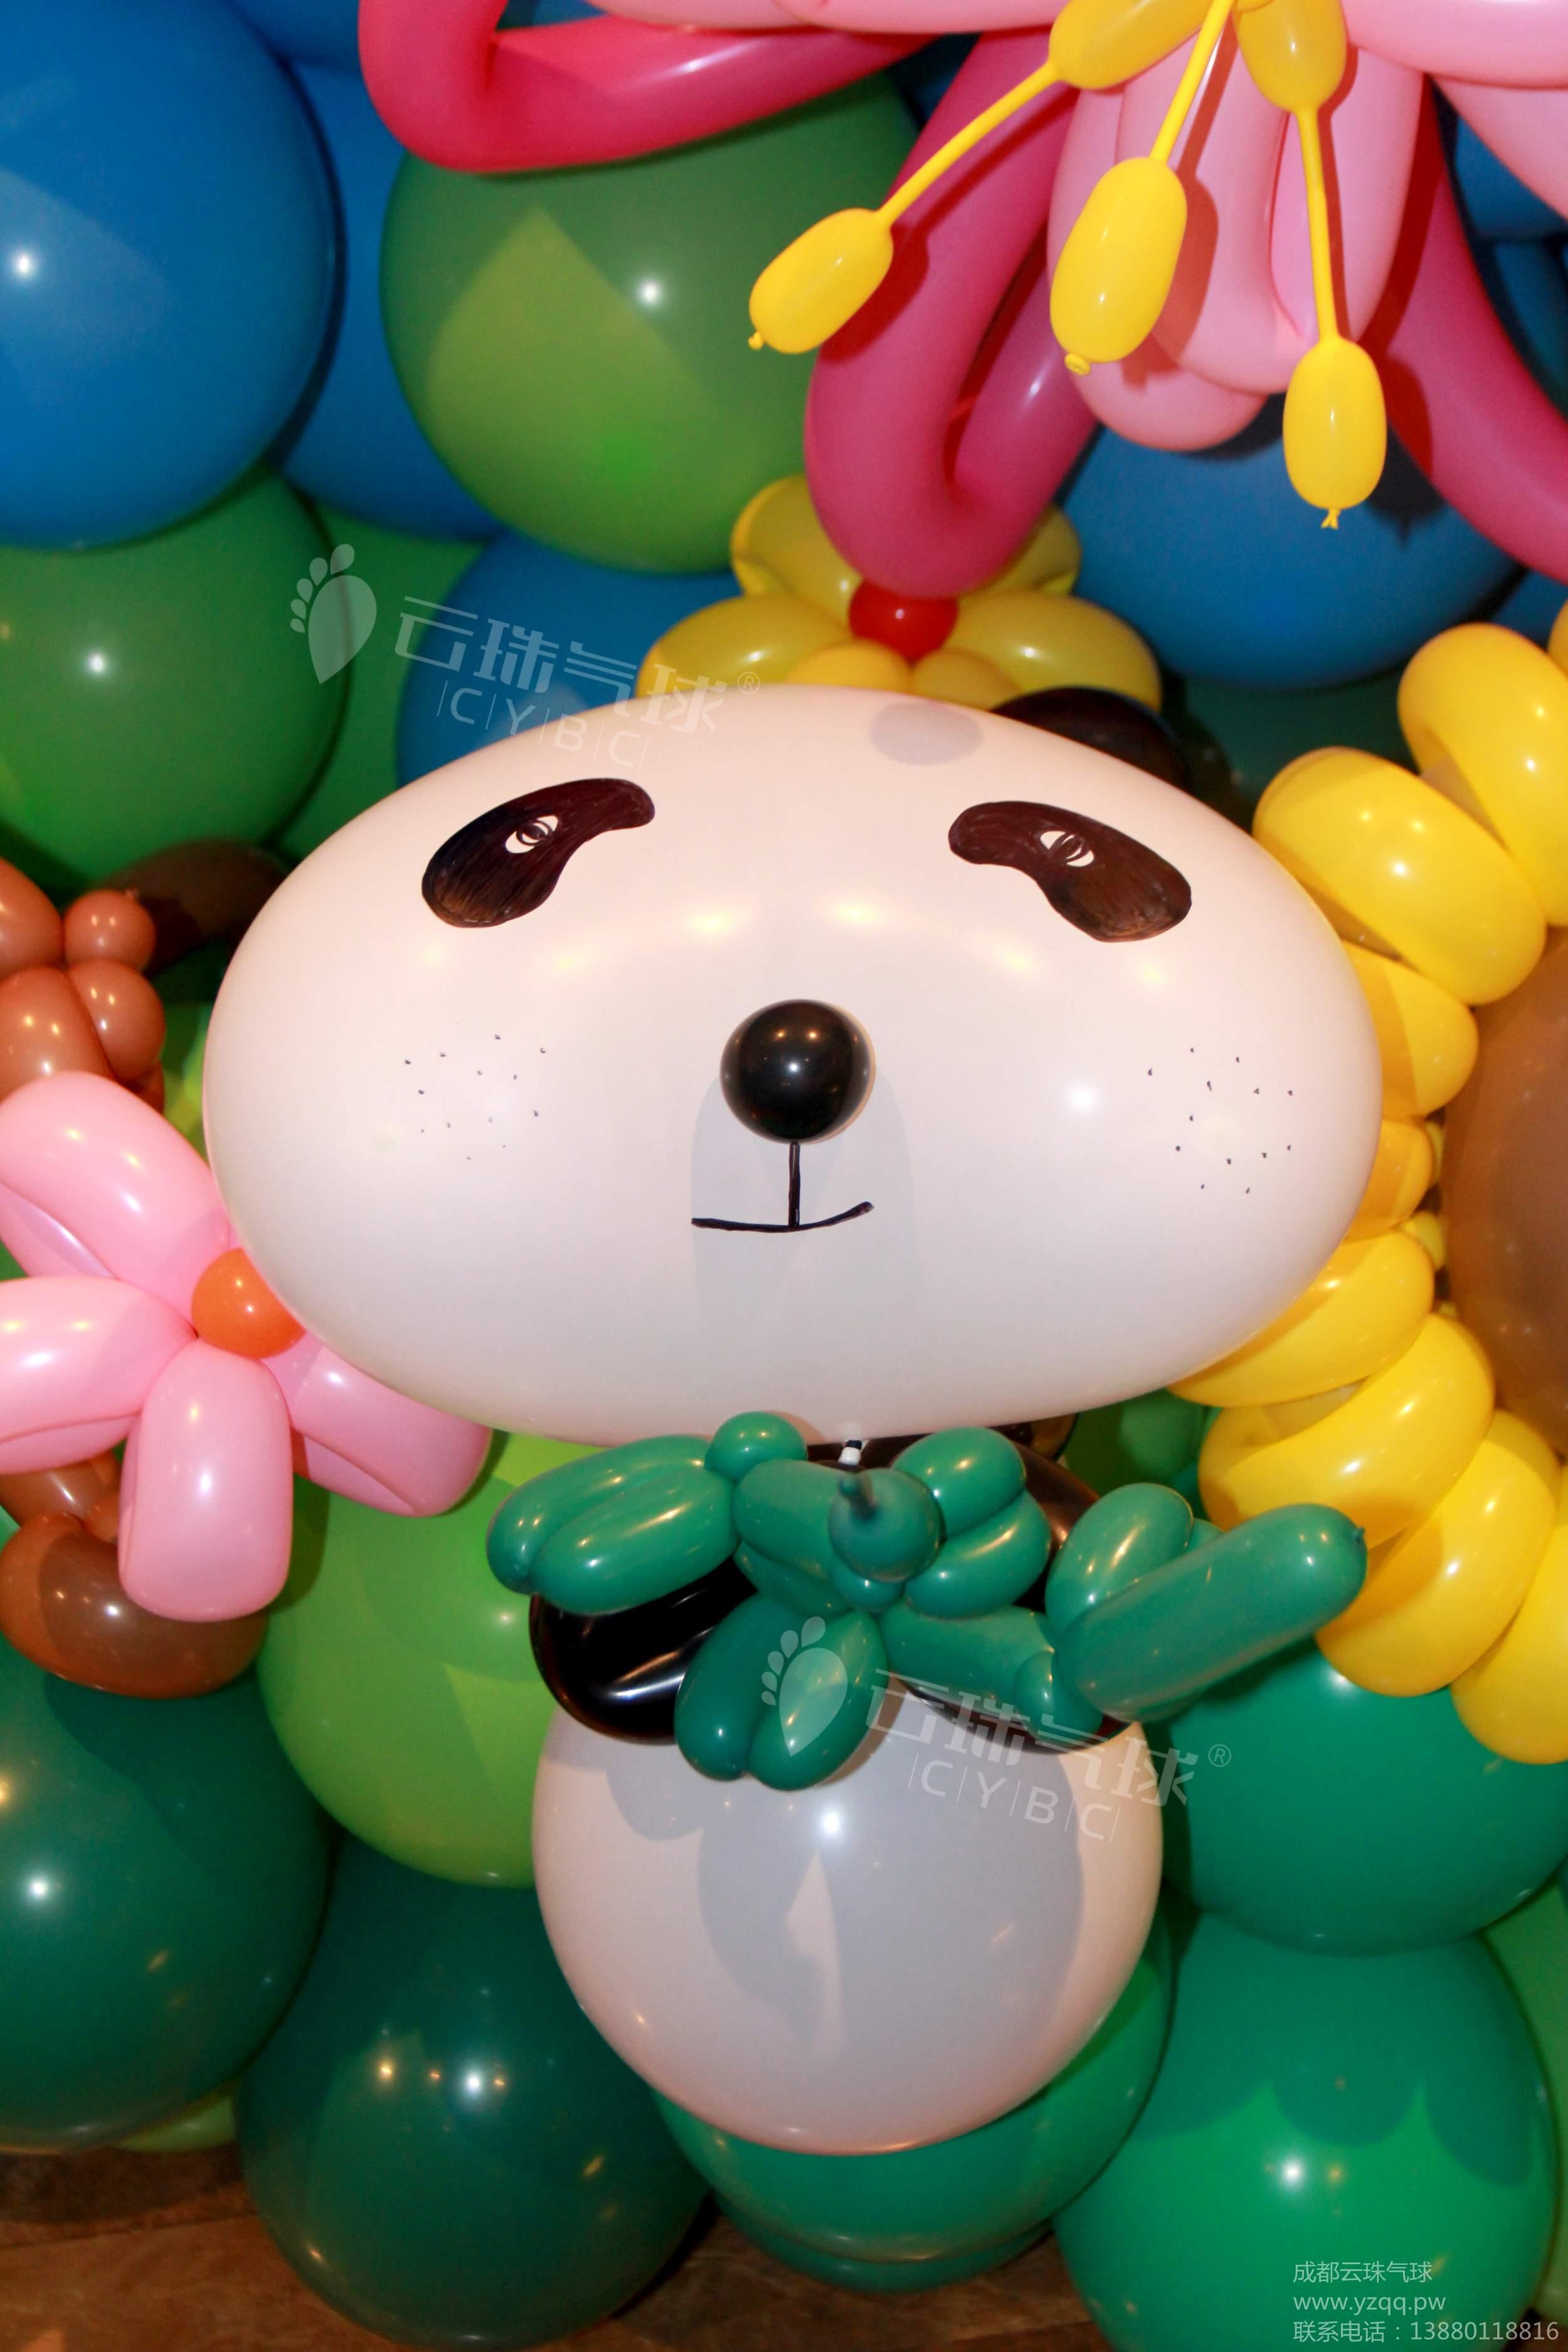 魔术气球造型/长条气球编织图片|魔术气球造型/长条